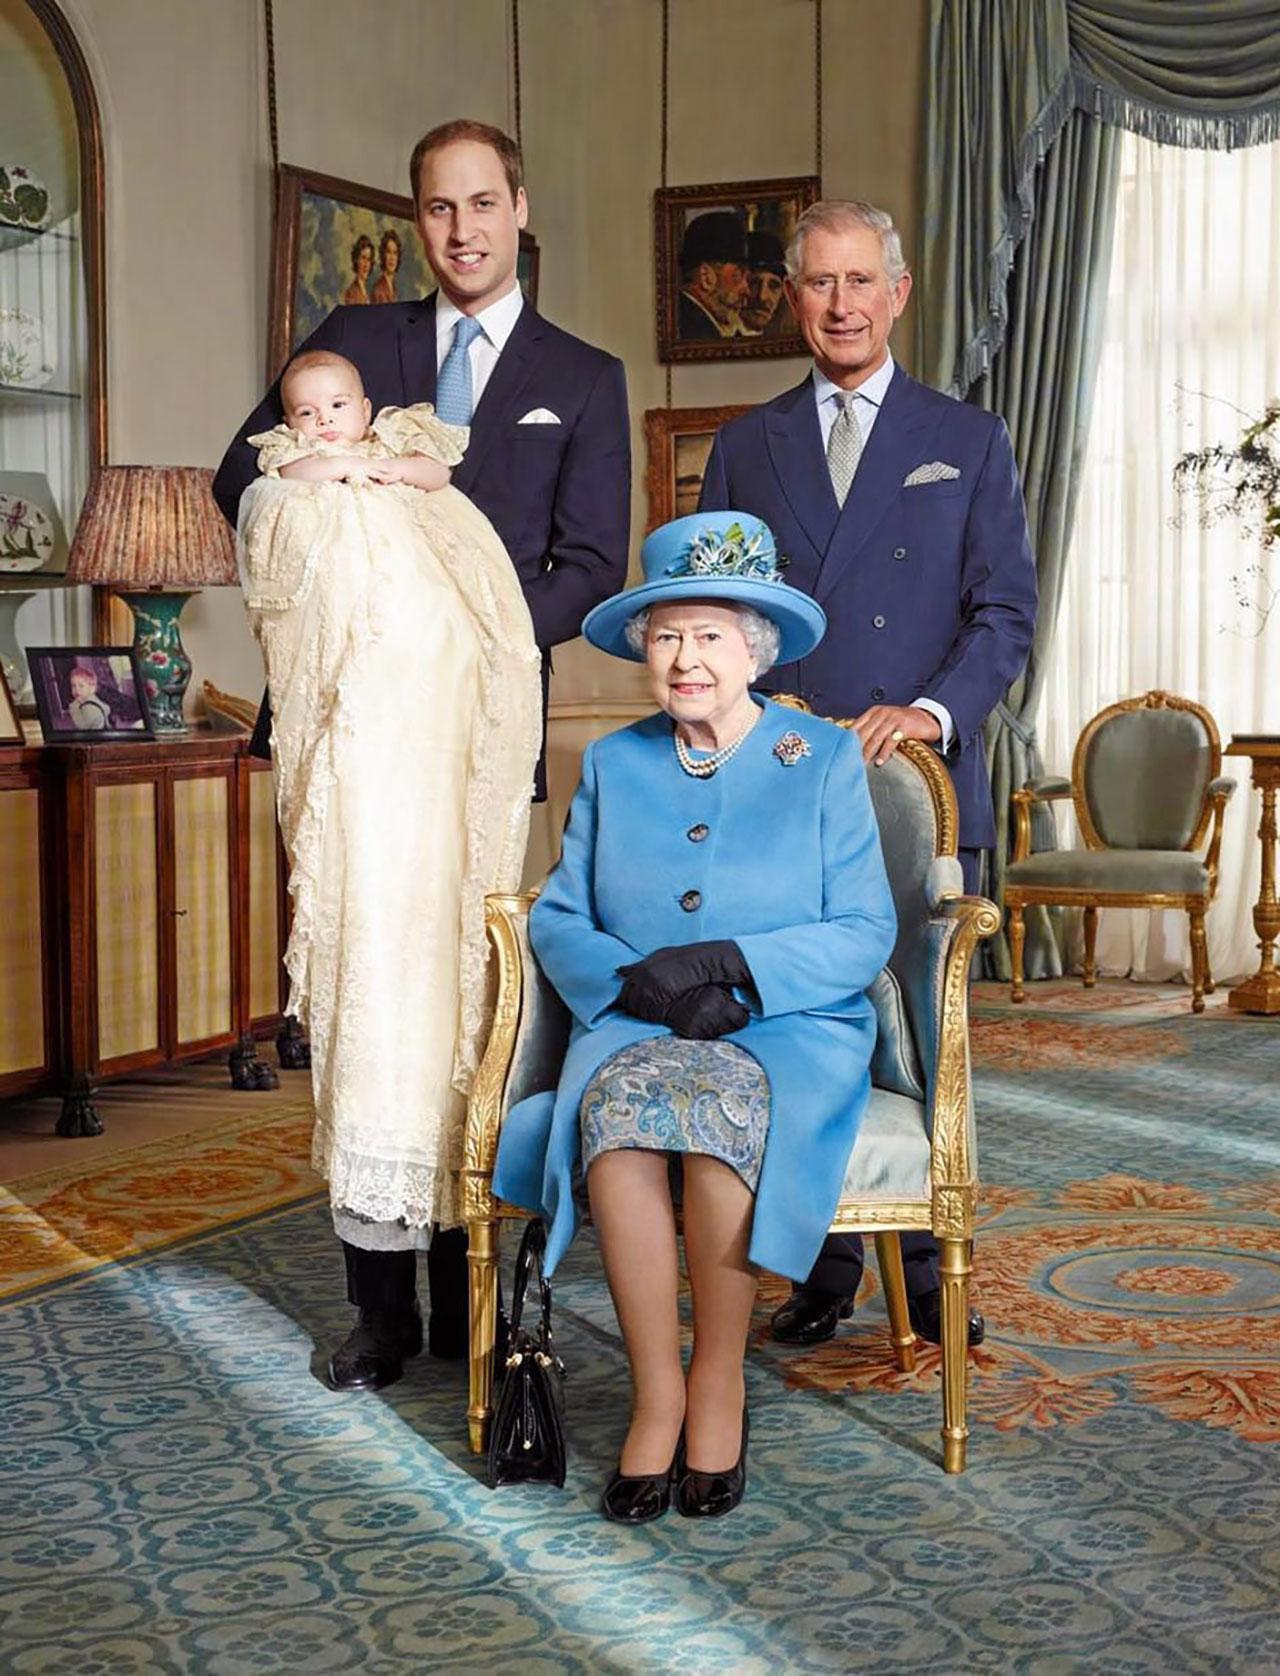 สมเด็จพระบรมราชินีเอลิซาเบธที่สอง ถ่ายภาพกับเจ้าฟ้าชายชาร์ลส์ มกุฎราชกมารอังกฤษ